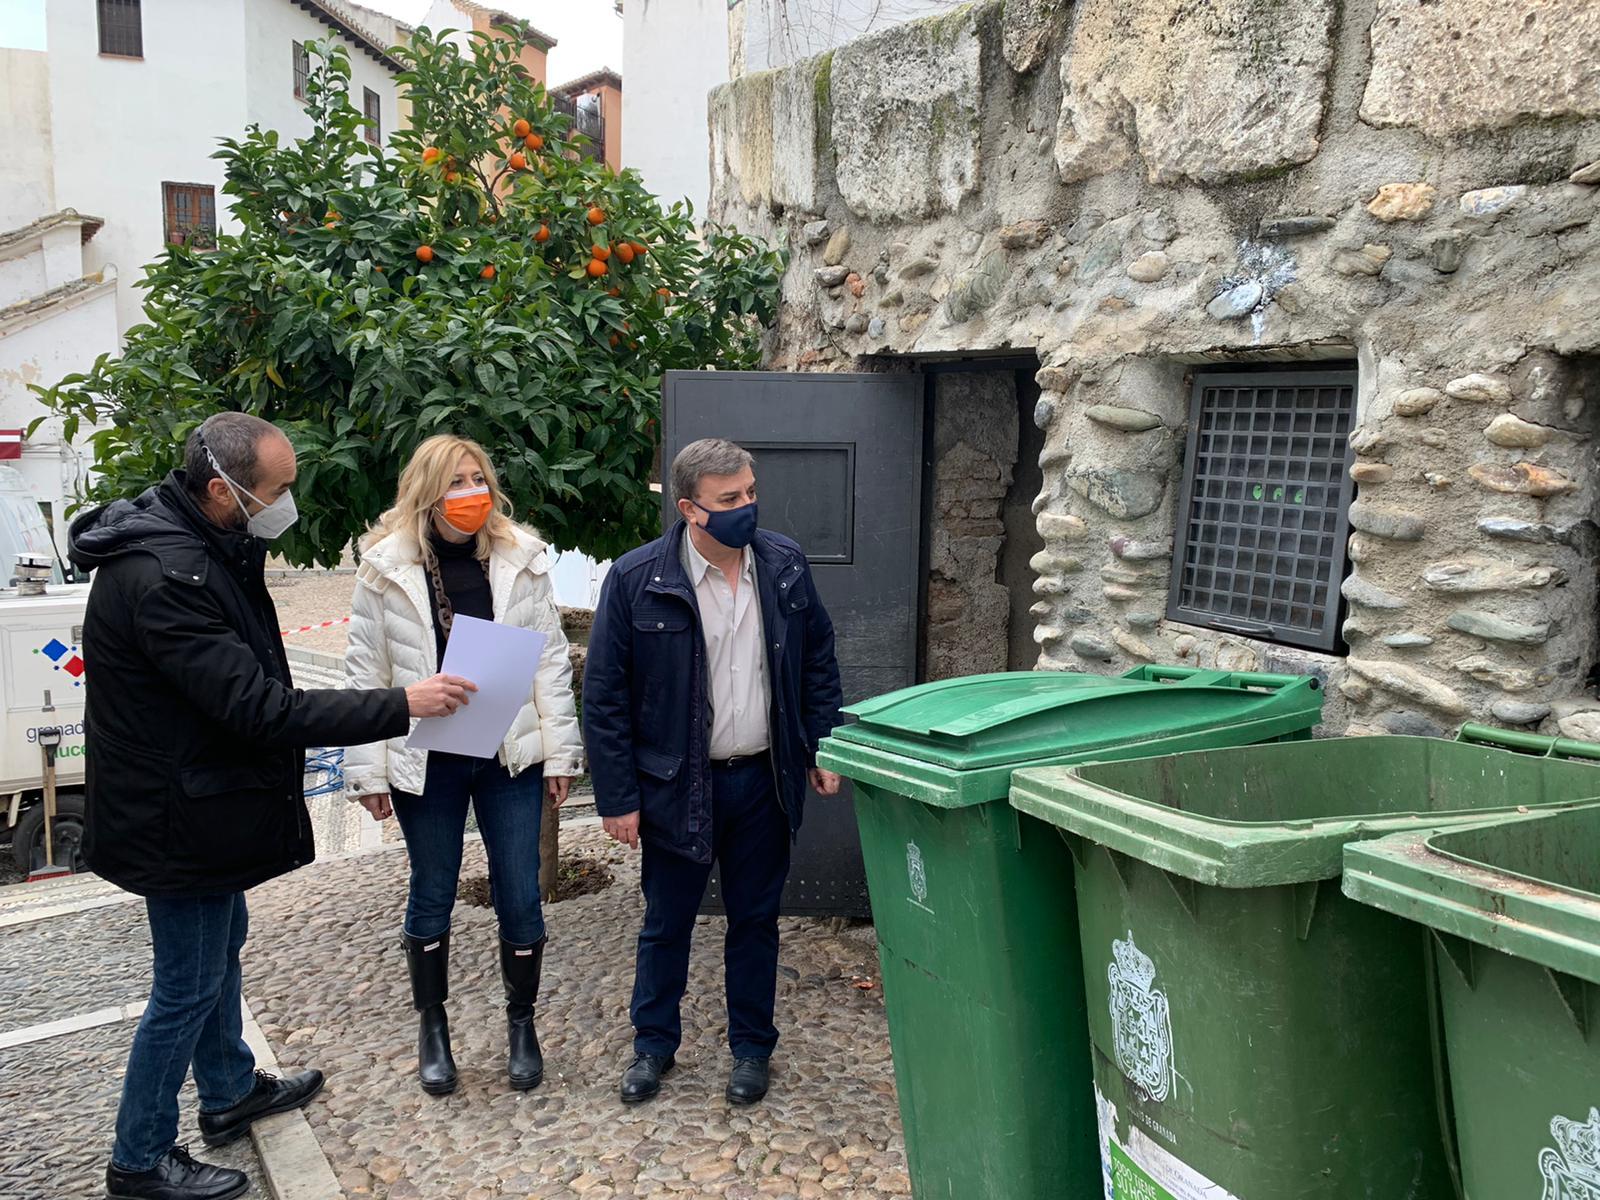 Arranca el plan de limpieza de grafitis de contenedores en el Albaicín